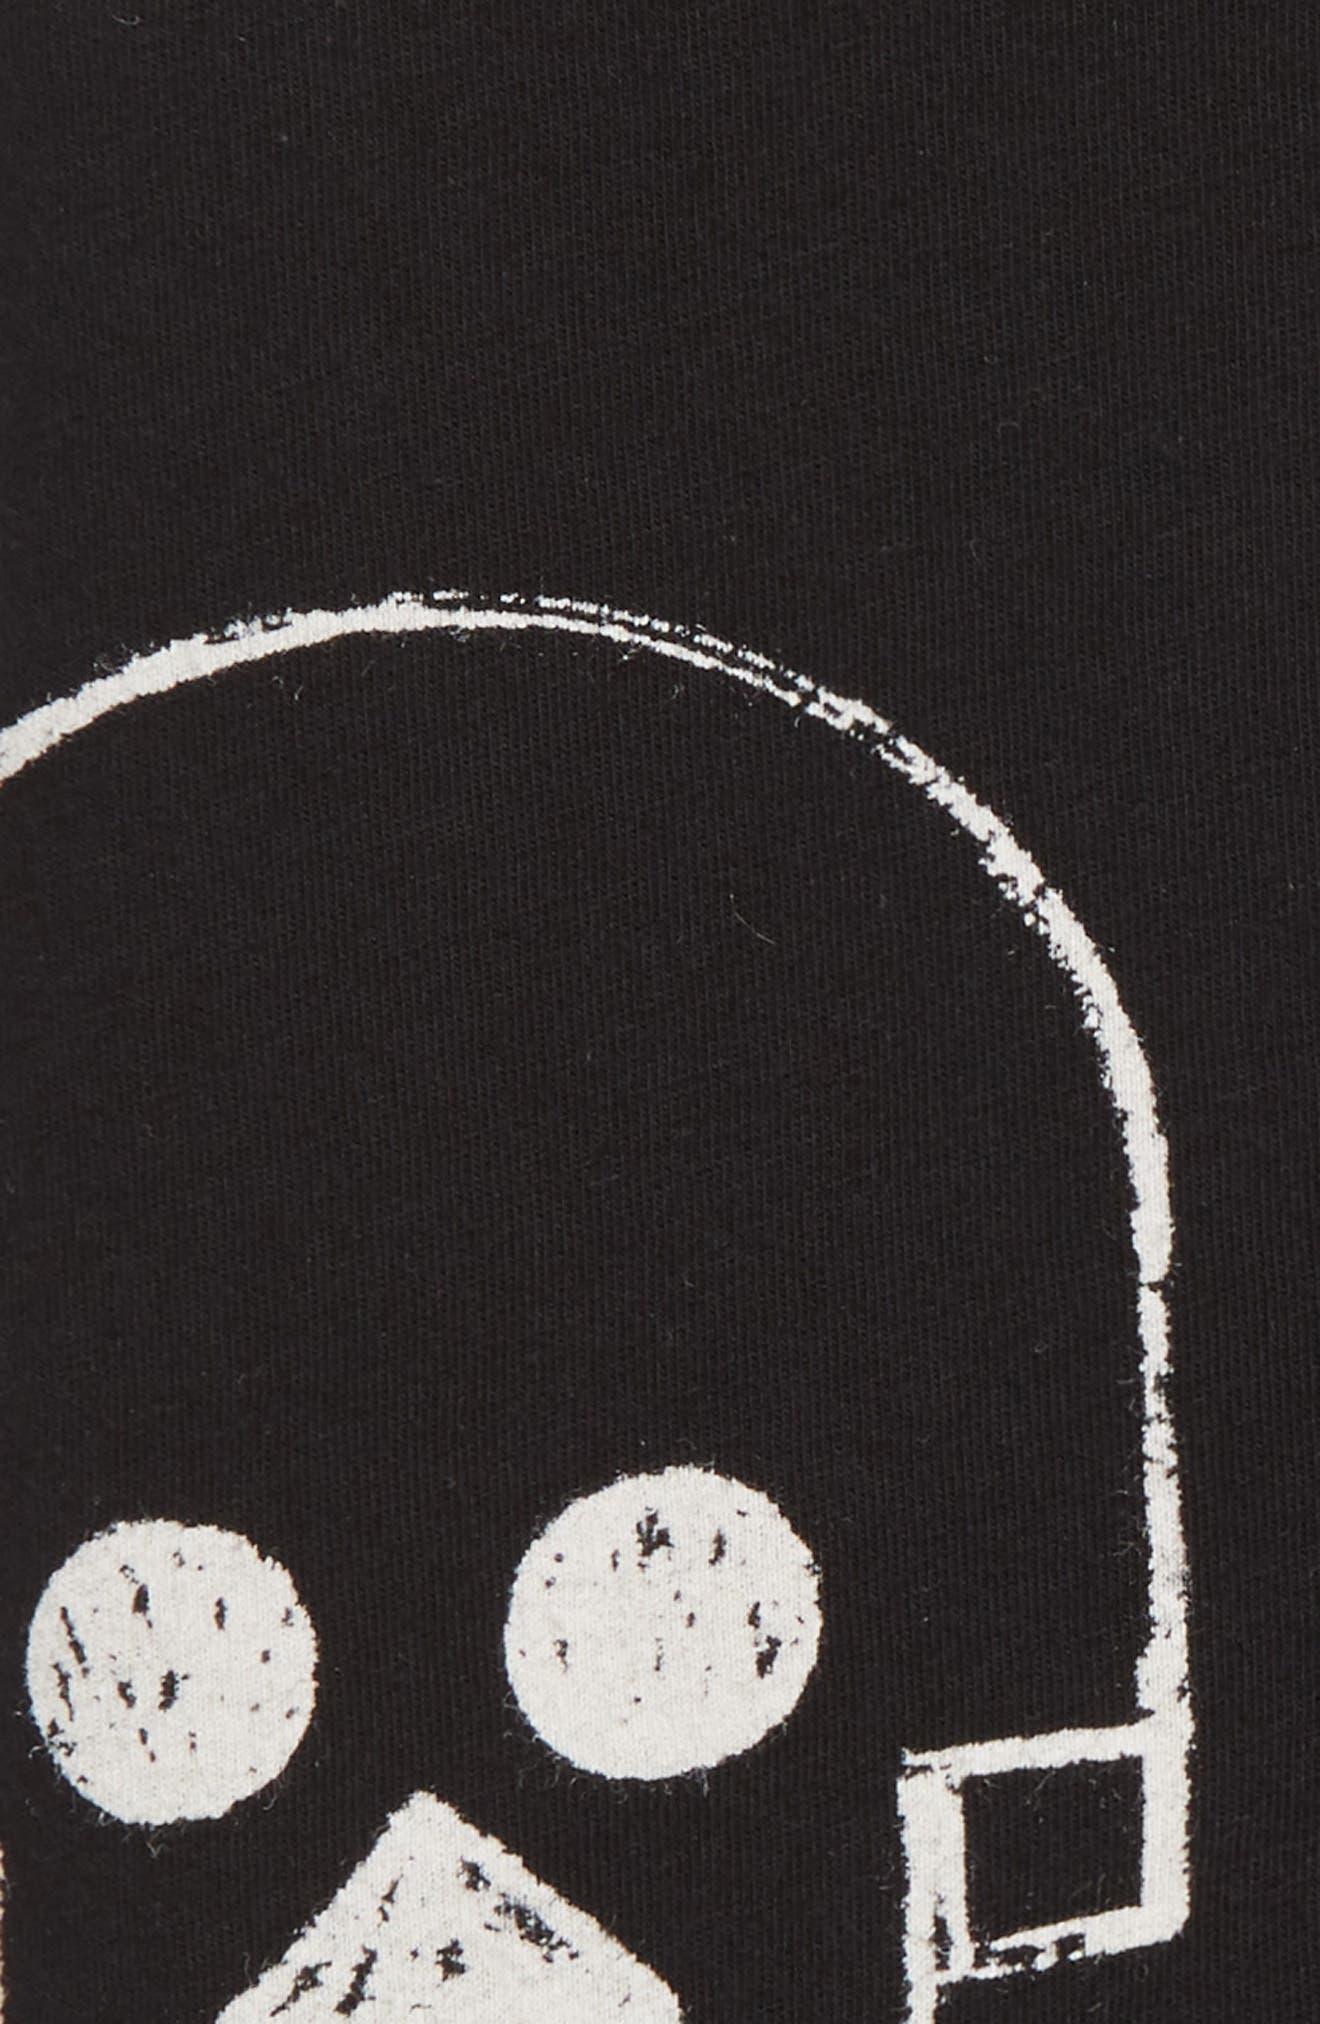 Skull Robot Print Blanket,                             Alternate thumbnail 2, color,                             BLACK